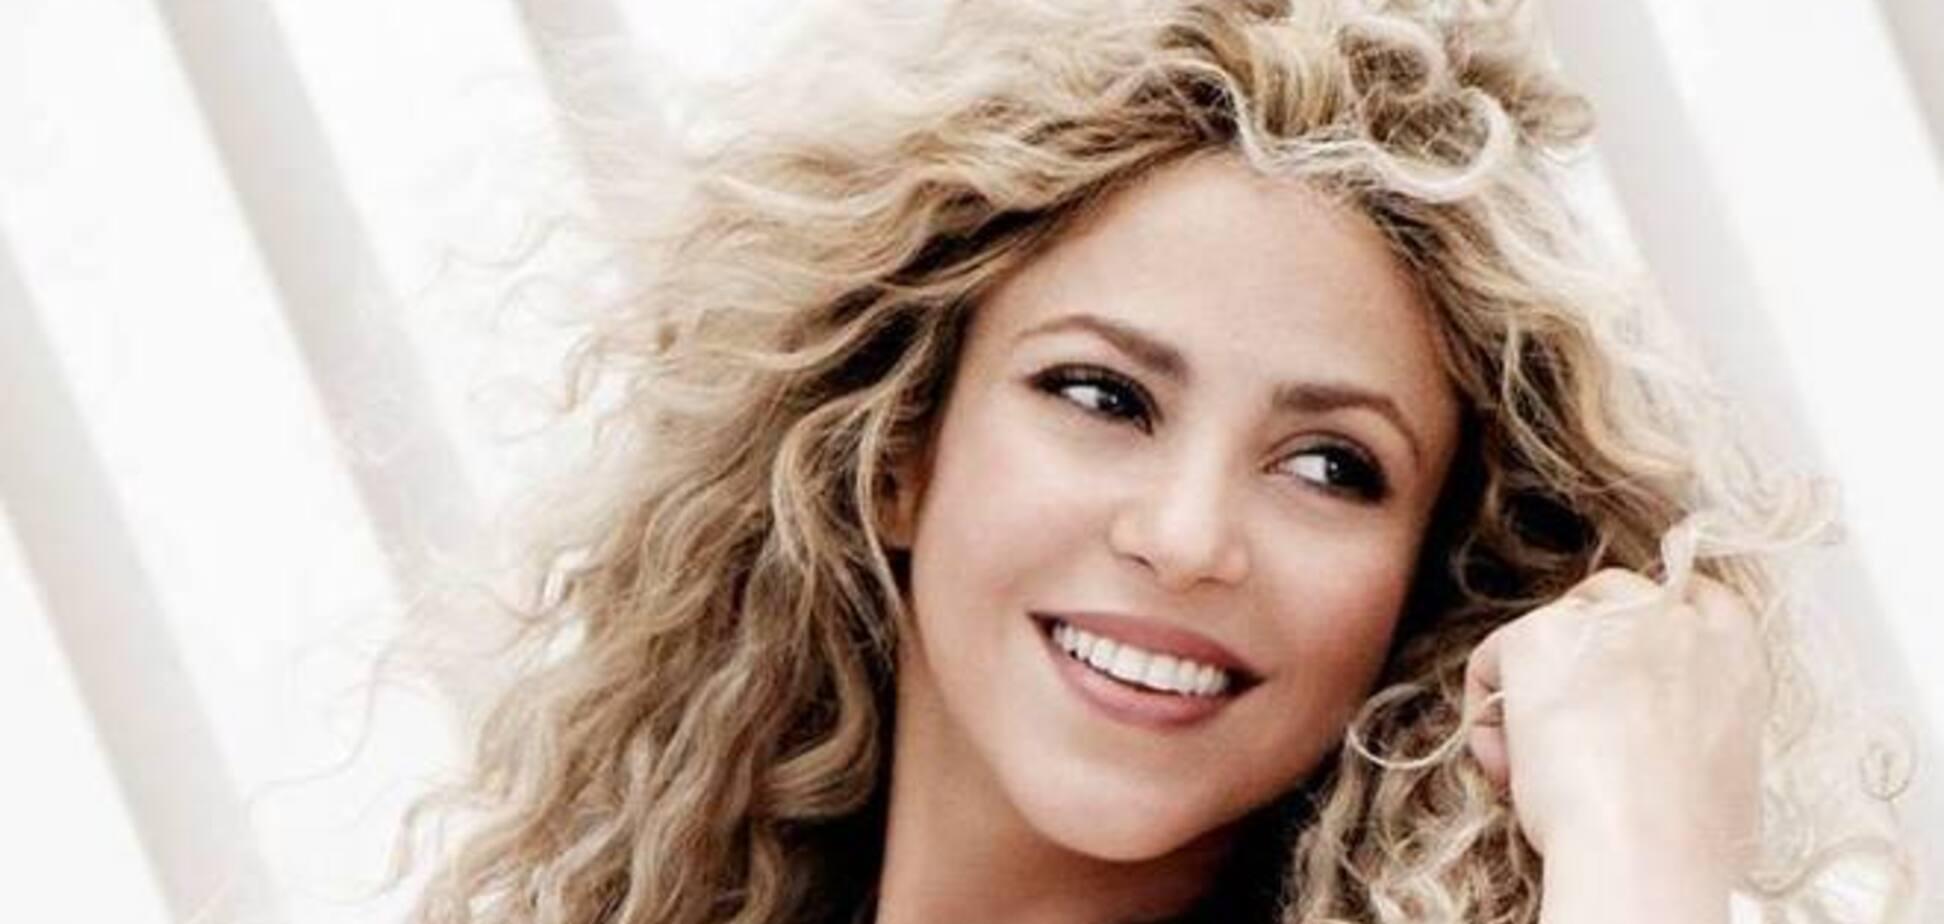 Шакира установила абсолютный рекорд на Facebook, набрав  100 млн подписчиков